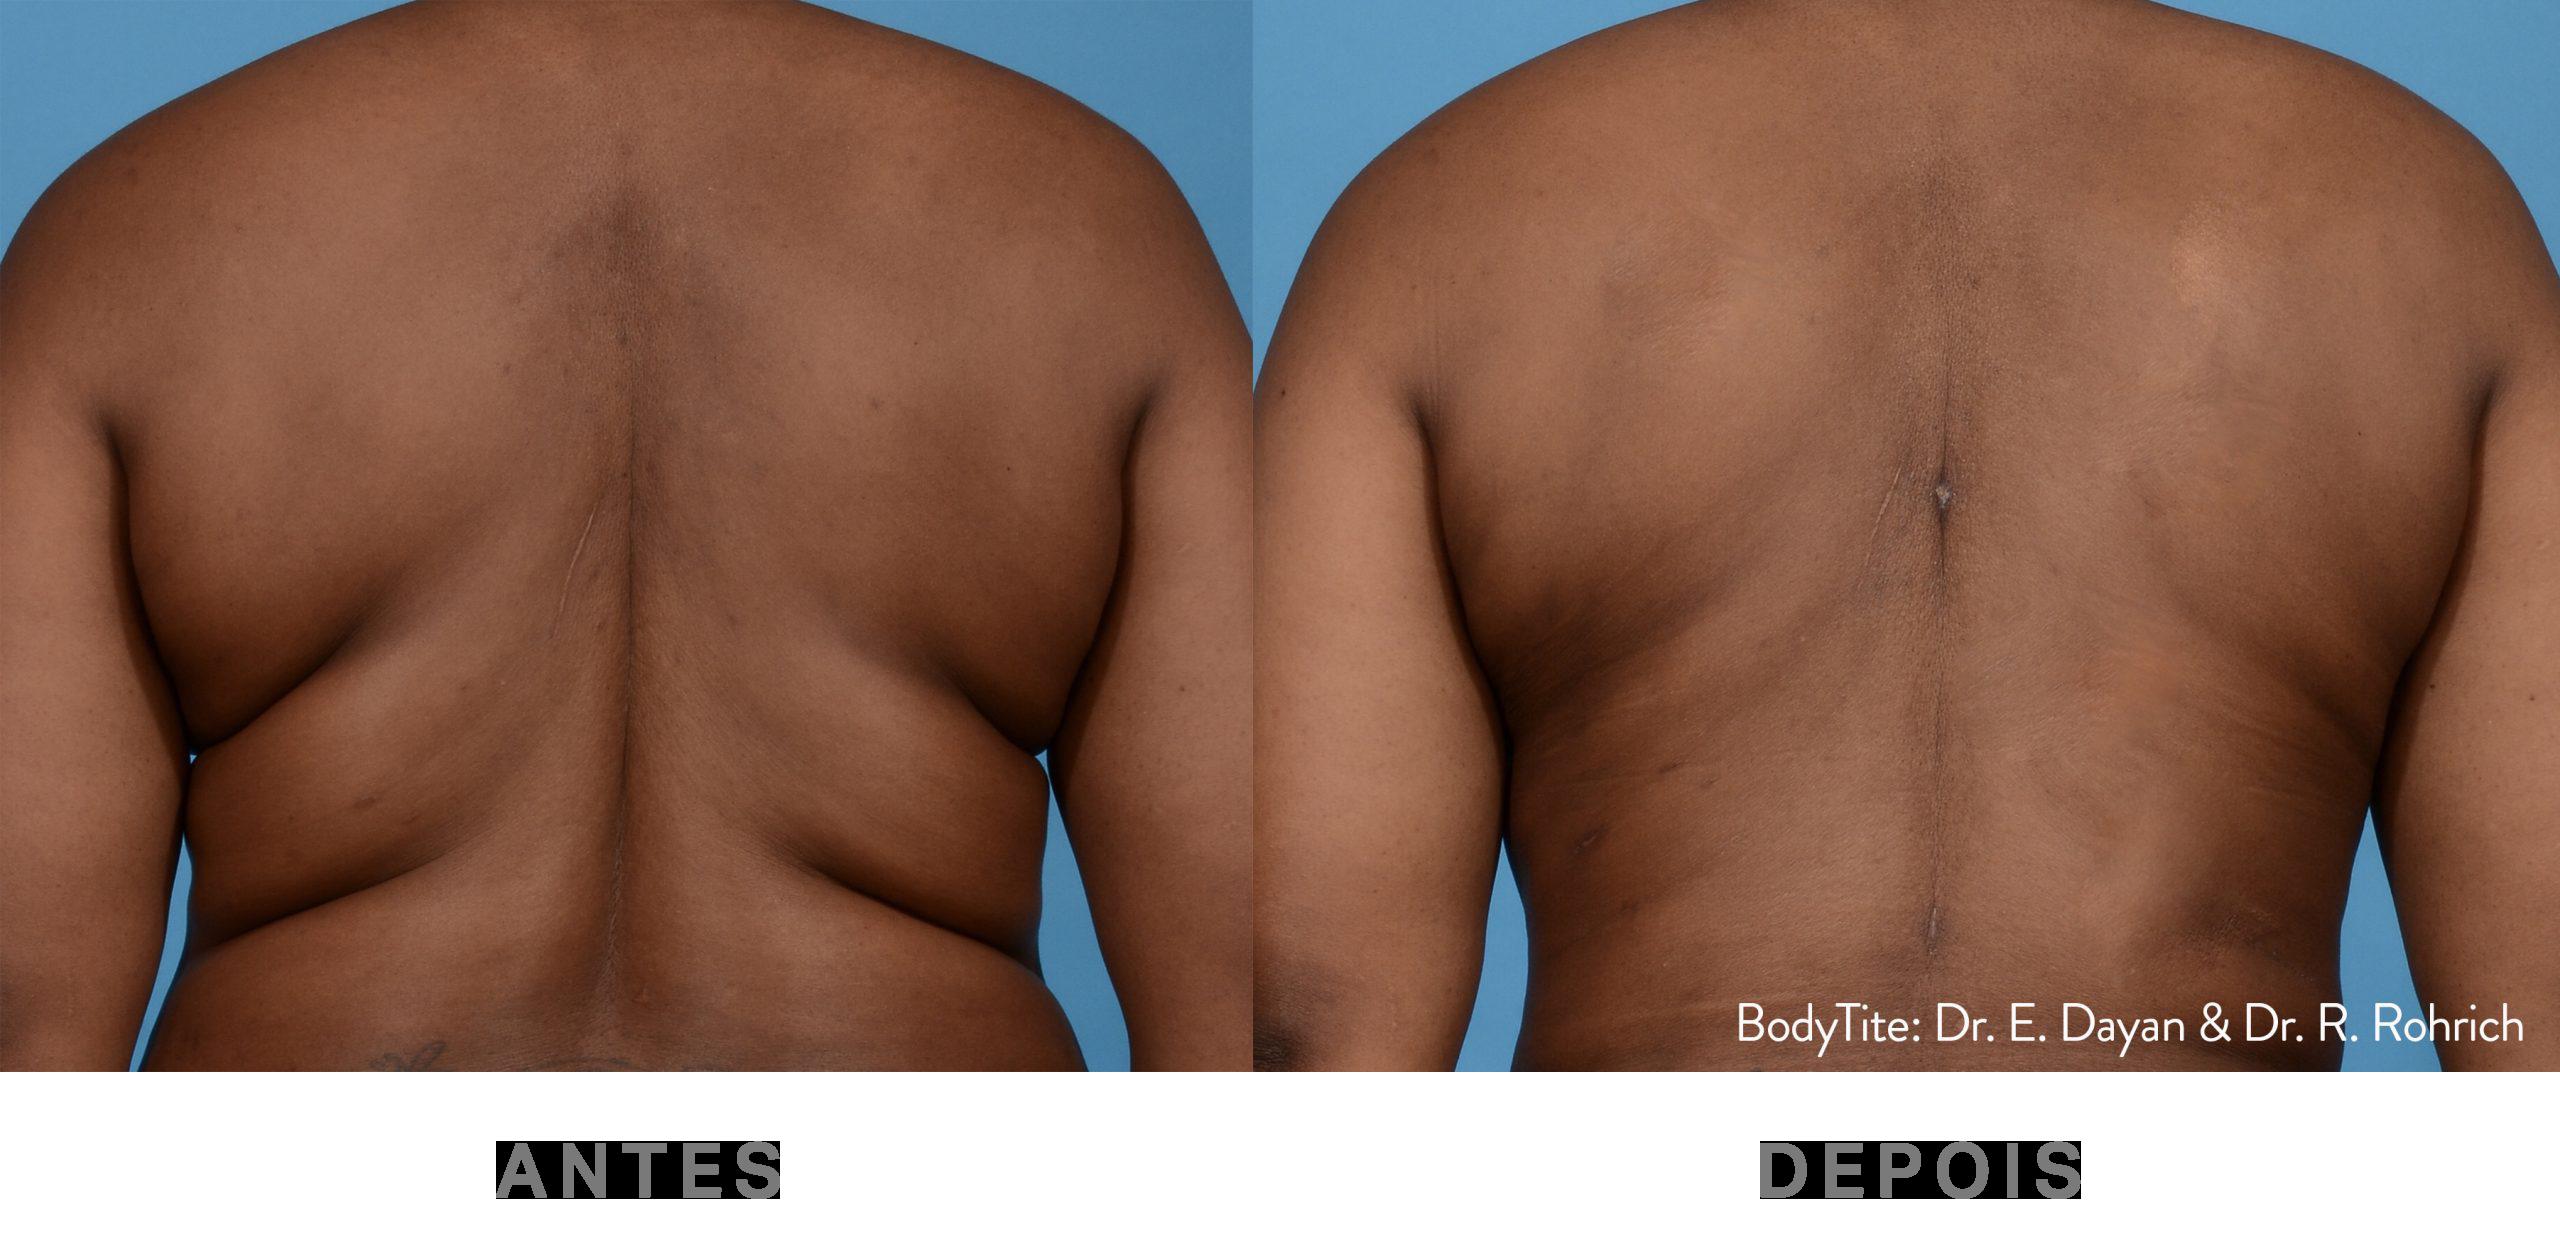 Antes e depois_BodyTite 1